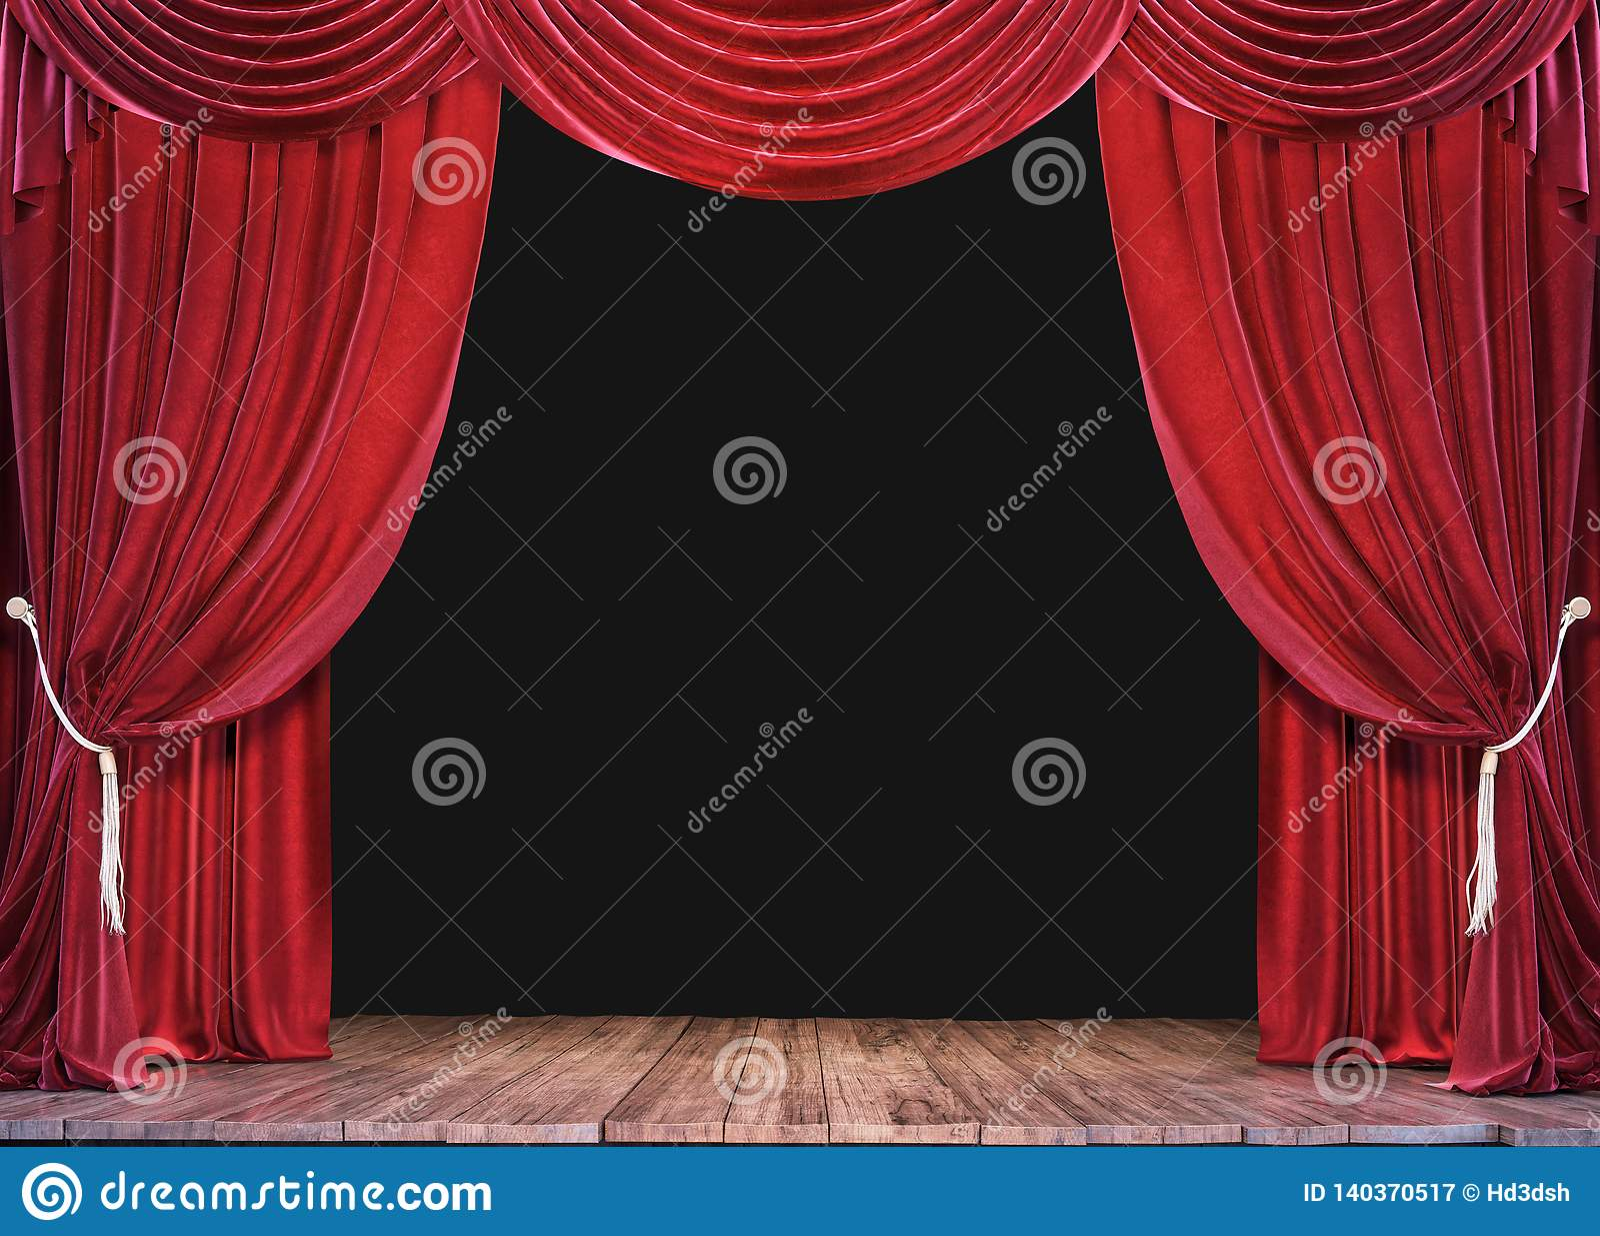 与木板条地板和开放红色帷幕的空的剧院阶段